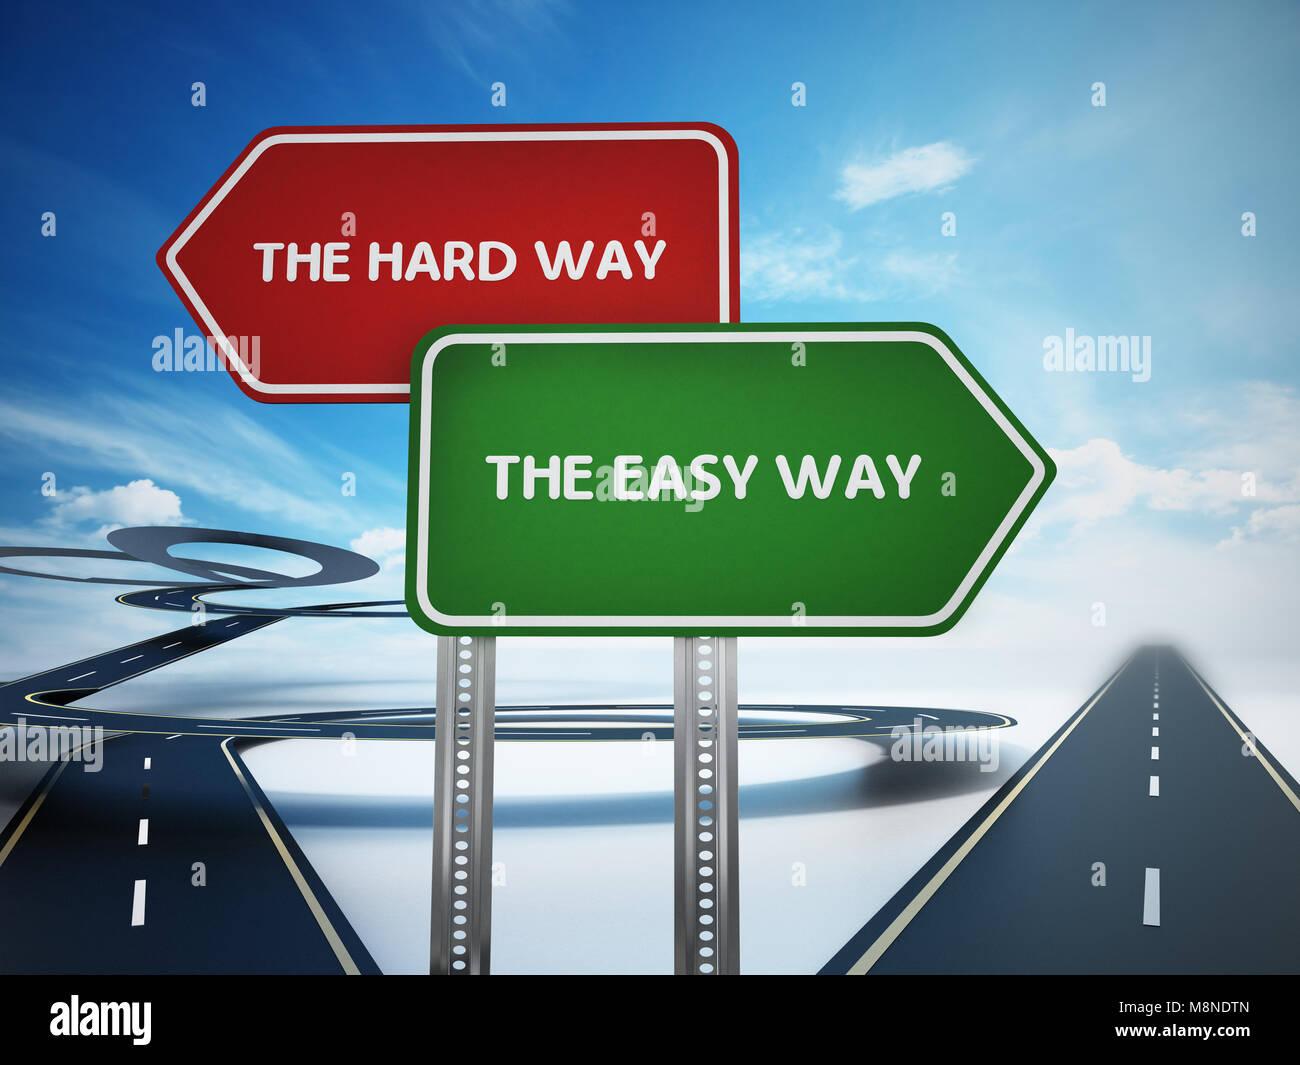 Der einfache Weg und die harte Weise Hinweistafeln mit gebogenen und geraden Straßen. 3D-Darstellung. Stockbild